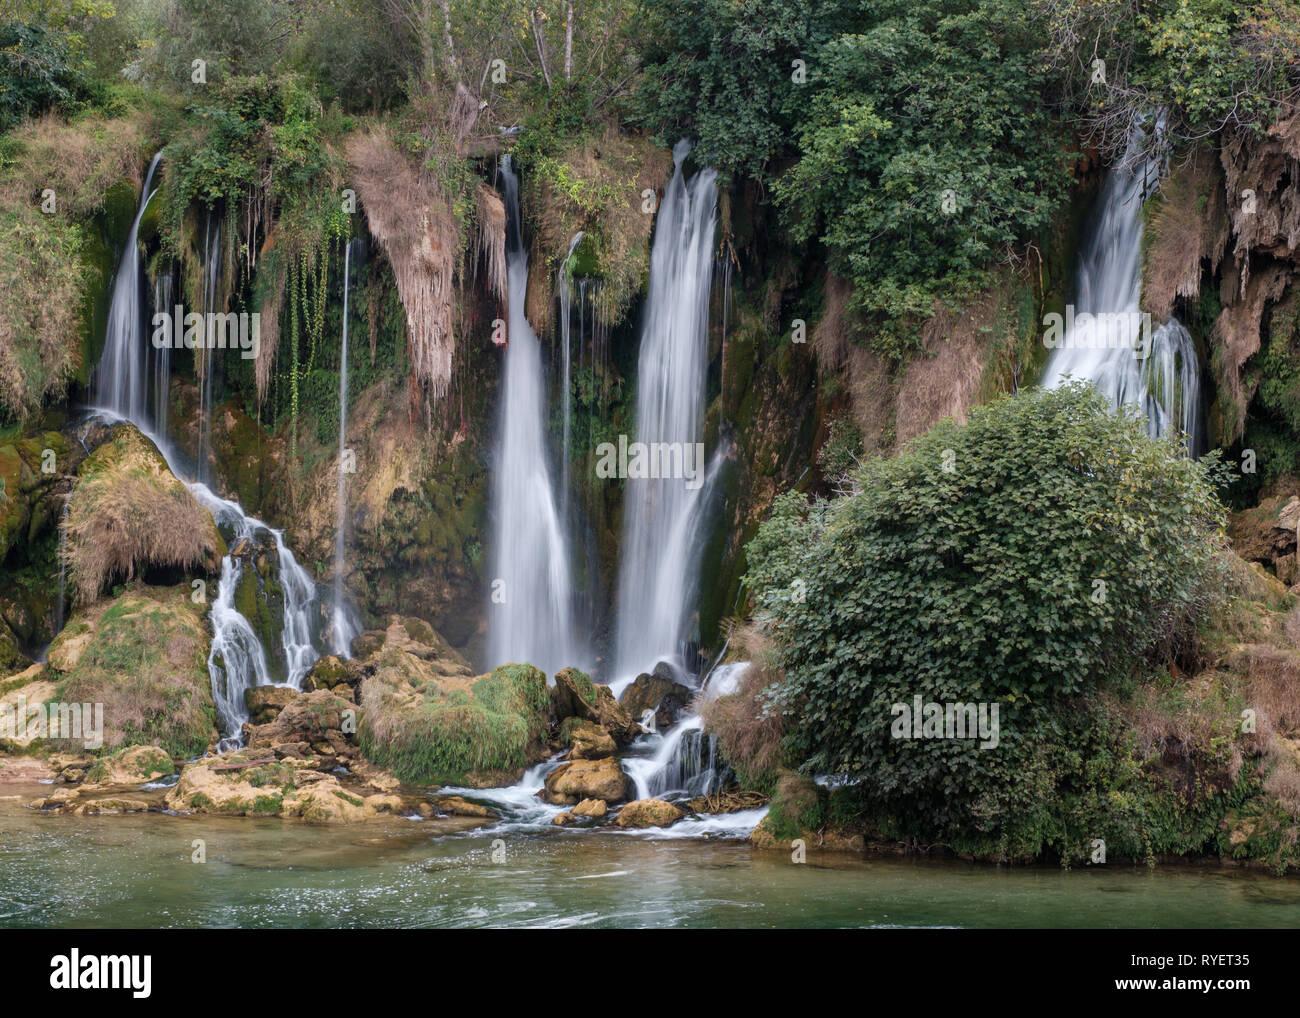 Kravice falls on the Trebizat River in Herzegovina, Bosnia and Herzegovina - Stock Image